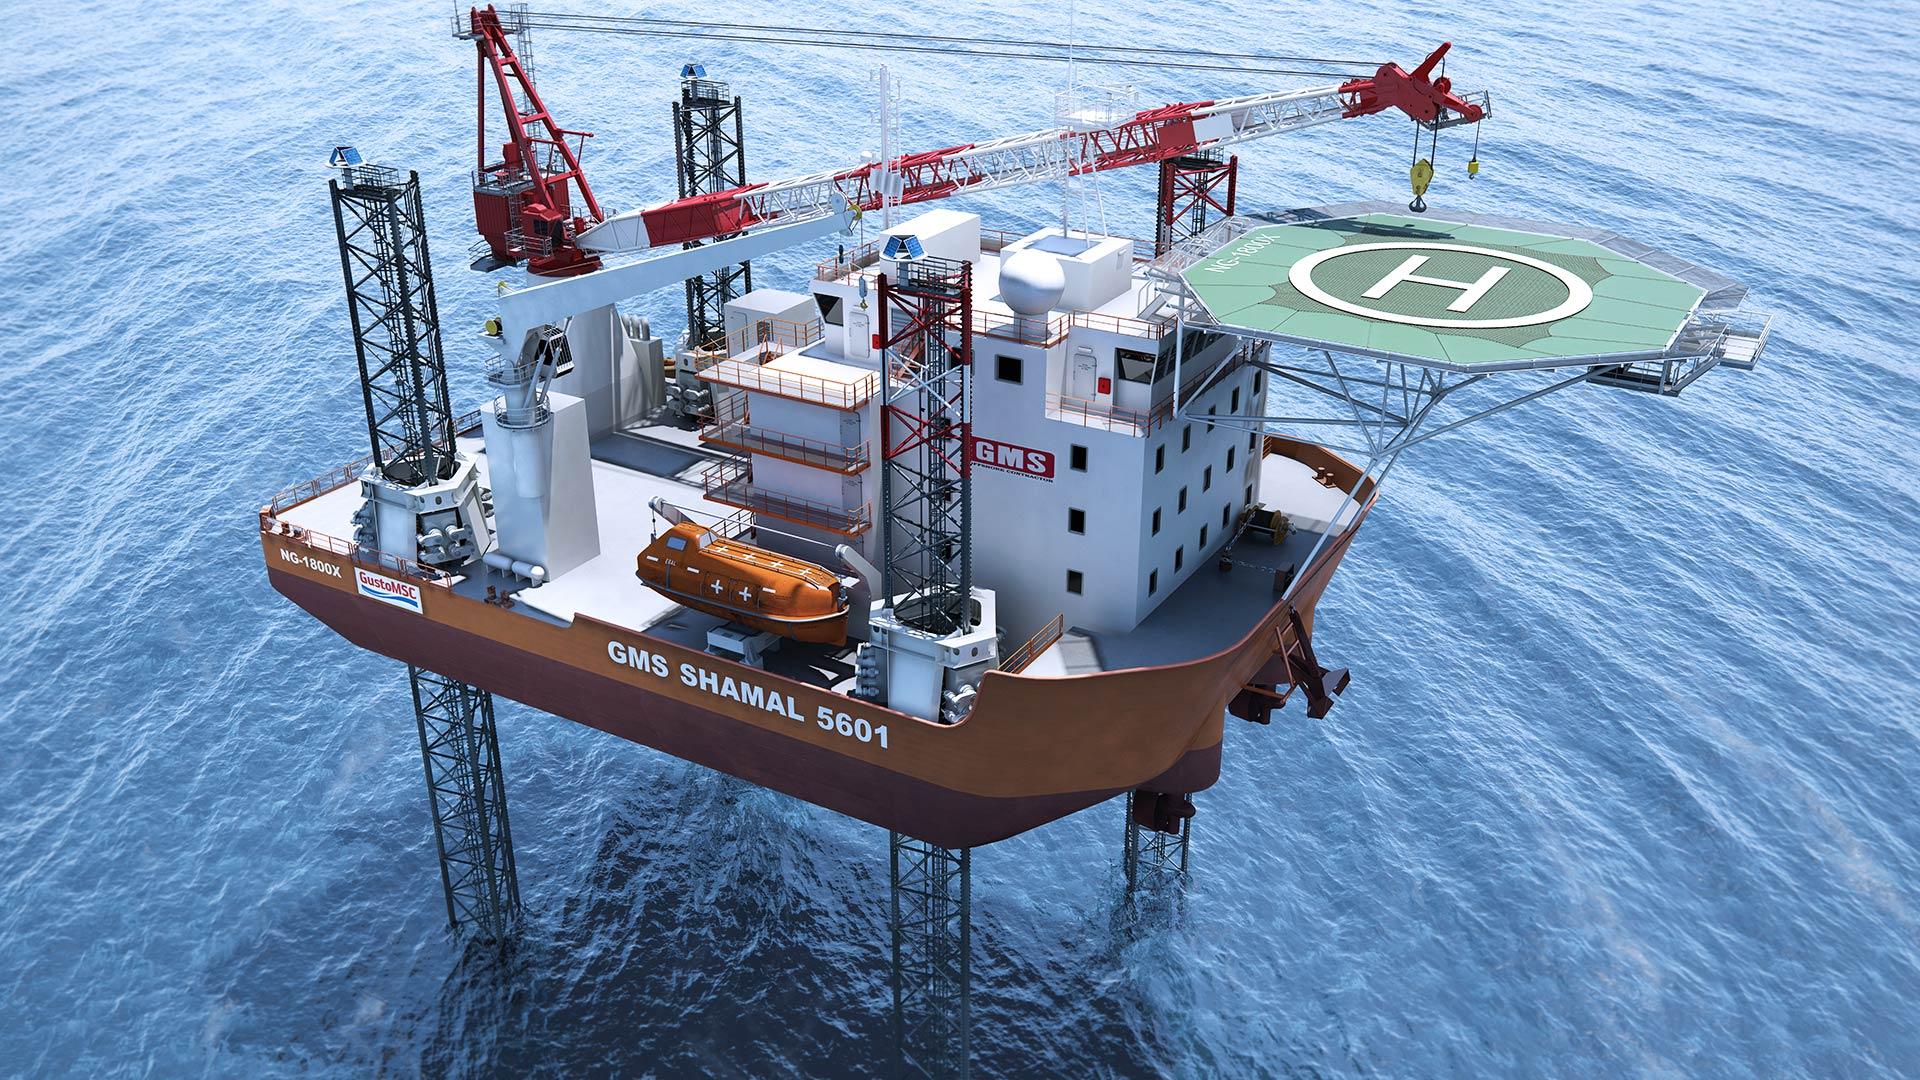 GMS | E-Class & S-Class Jack-up Barges - C-Job